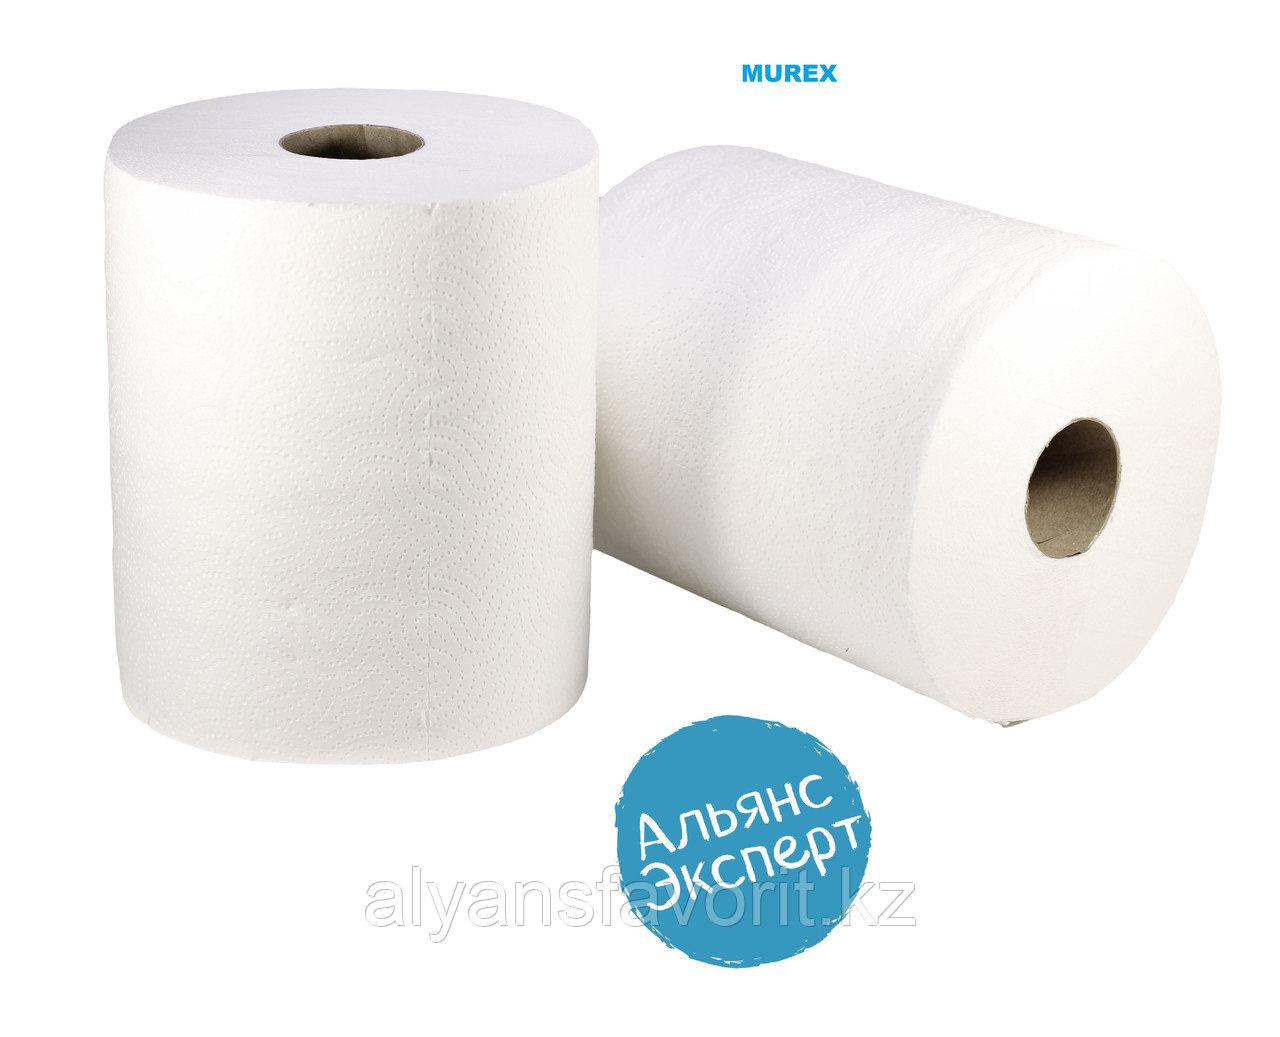 Бумажные полотенца рулонное 2-х слойные, 75 м. 6 рул. в уп.